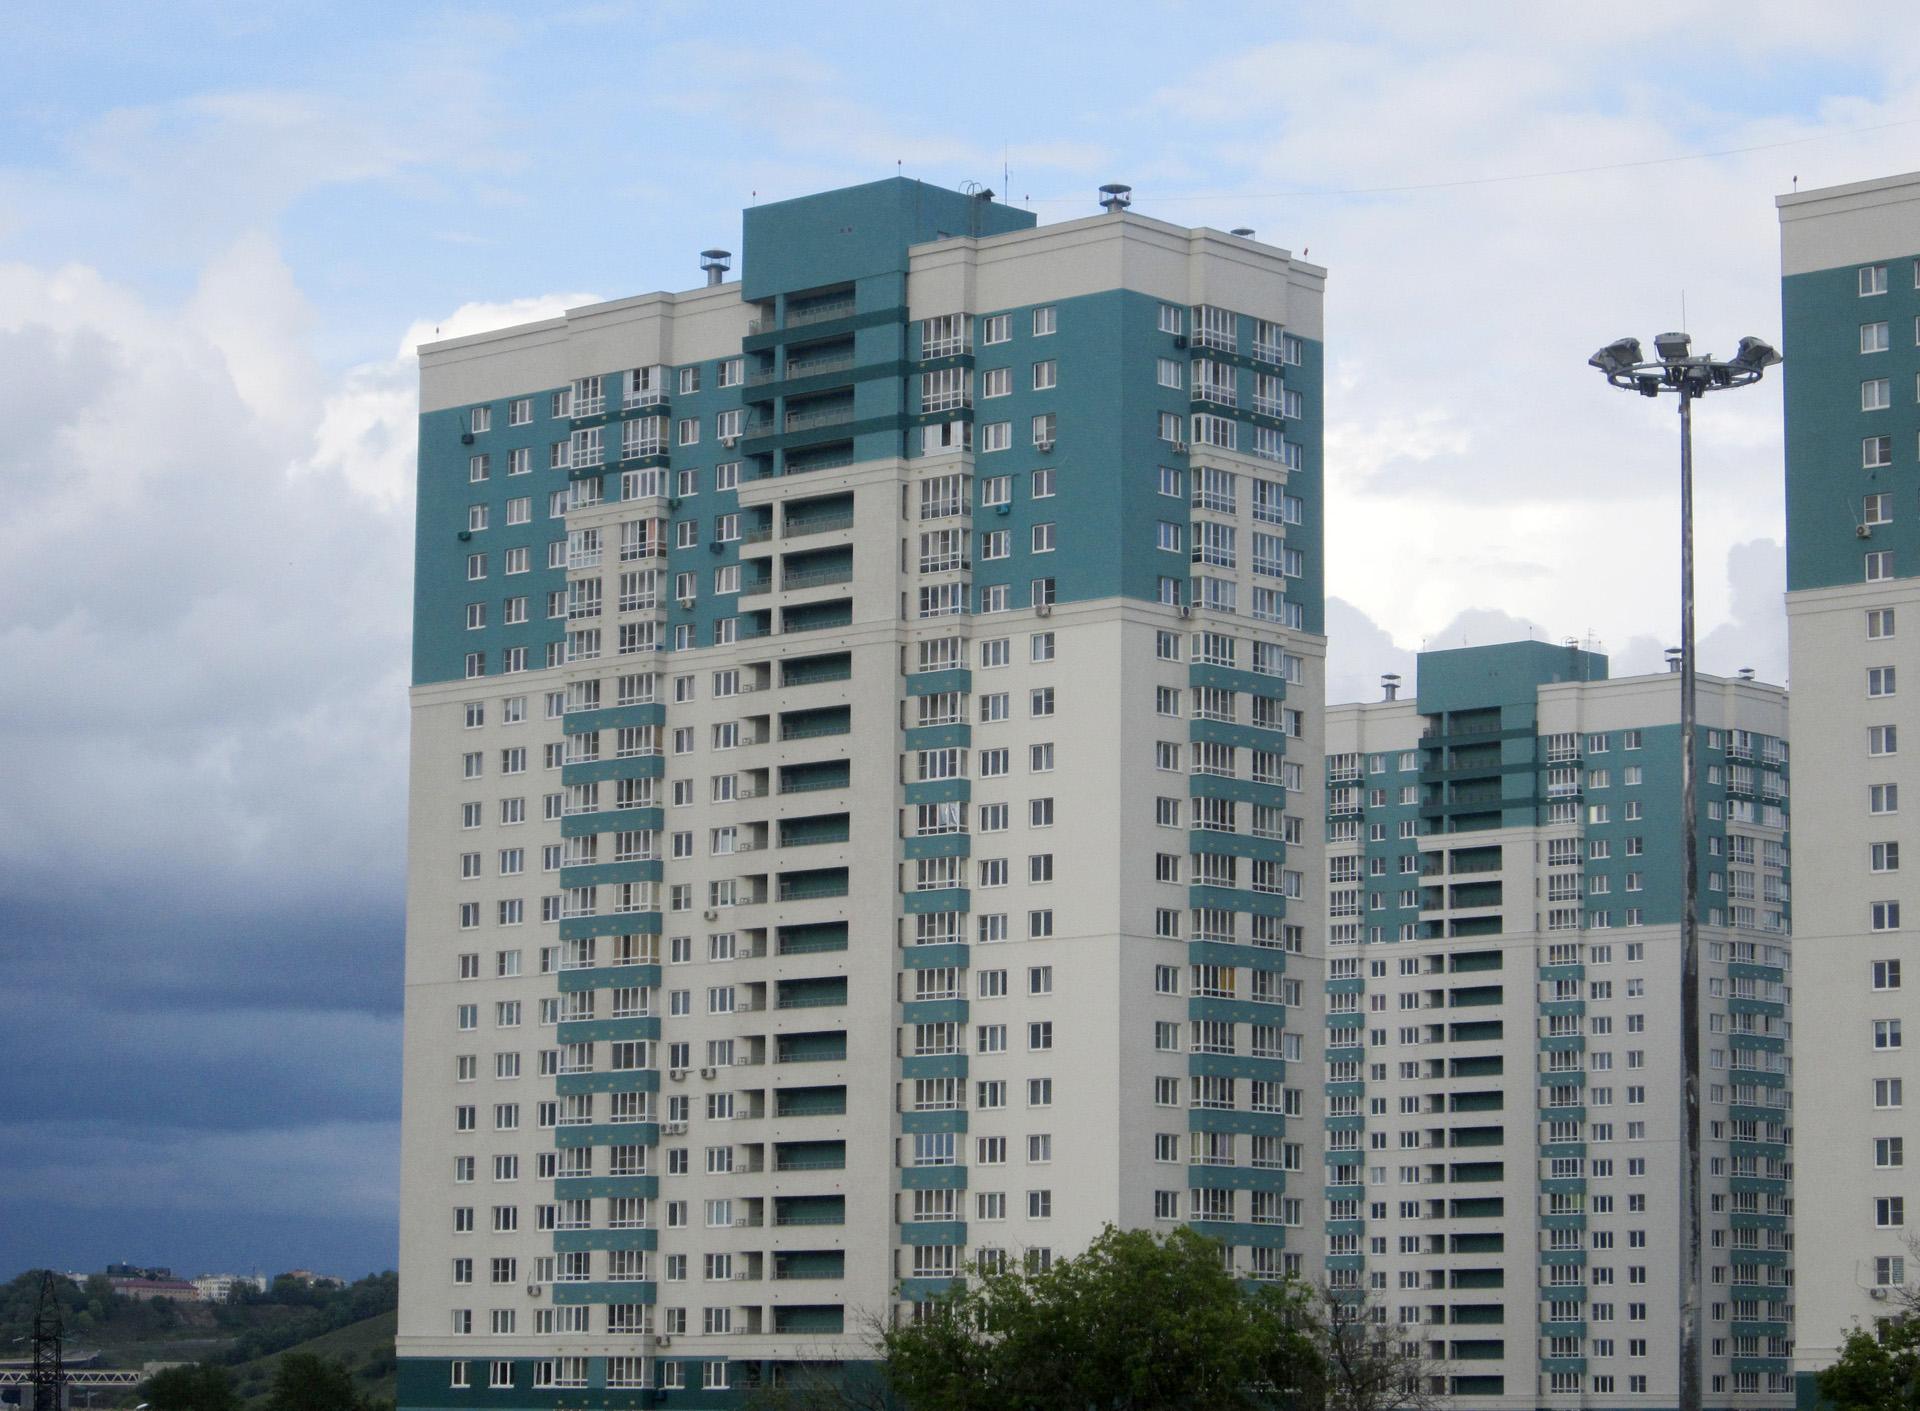 В Ростовской области за семь месяцев введено в эксплуатацию более 1,4 млн квадратных метров жилья